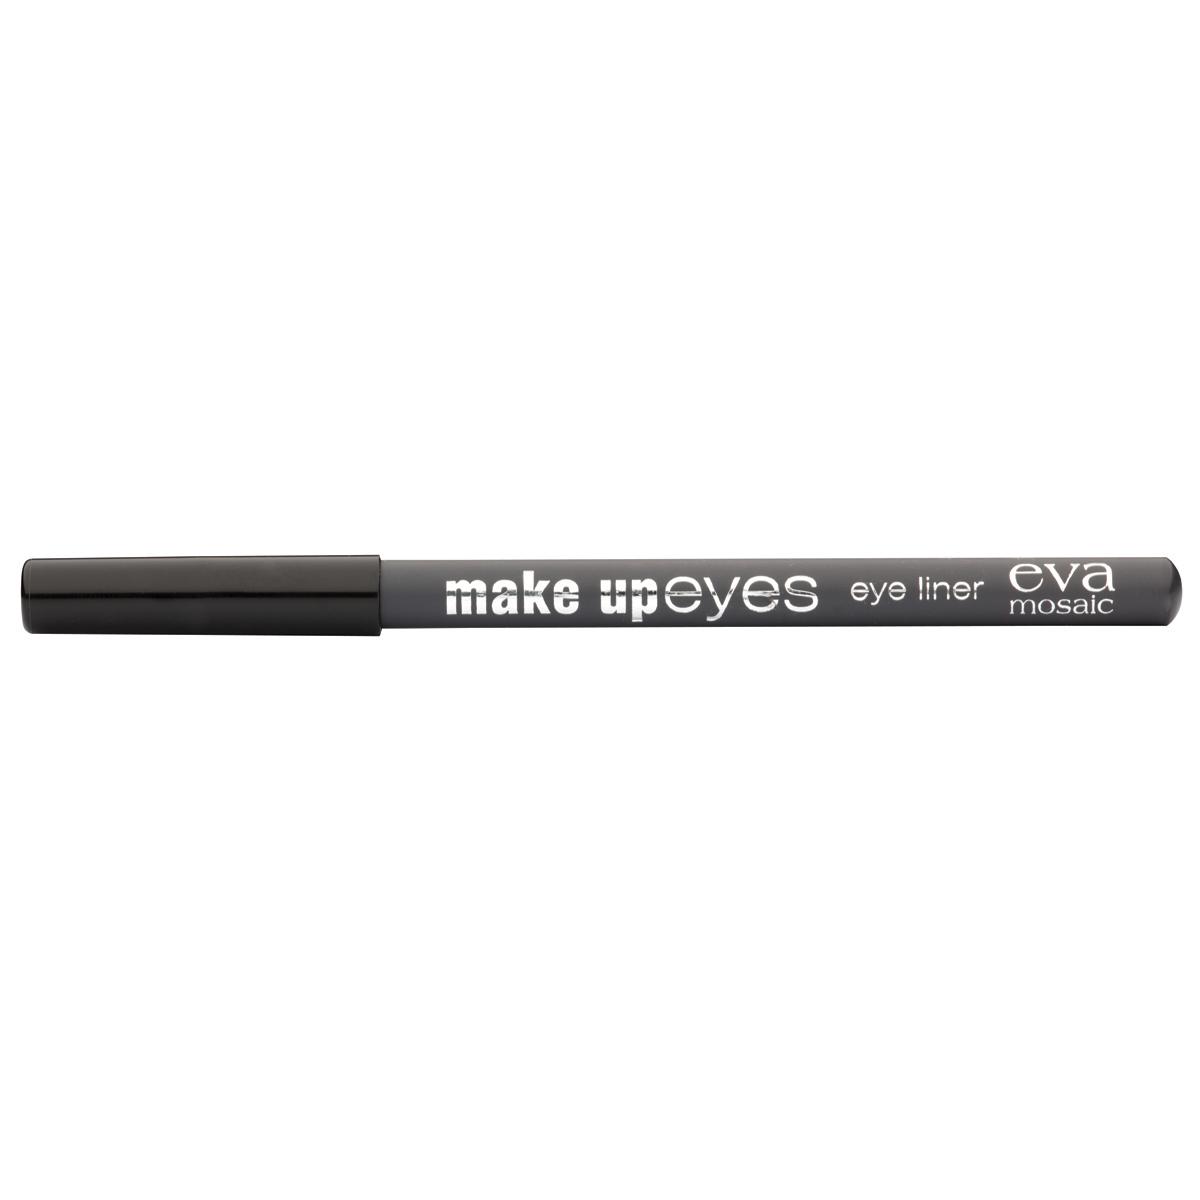 Eva Mosaic Карандаш для глаз Make Up Eyes, 1,1 г, Серый28032022Мягкий карандаш для глаз позволяет создавать контур необходимой четкости - от графической точности до мягкой плавности растушеванных линий, придающих взгляду эффект дымчатости. - стойкая формула - натуральные ингредиенты (пчелиный воск, хлопковое, касторовое и арахисовое масла) - три оттенка для разных типов внешности